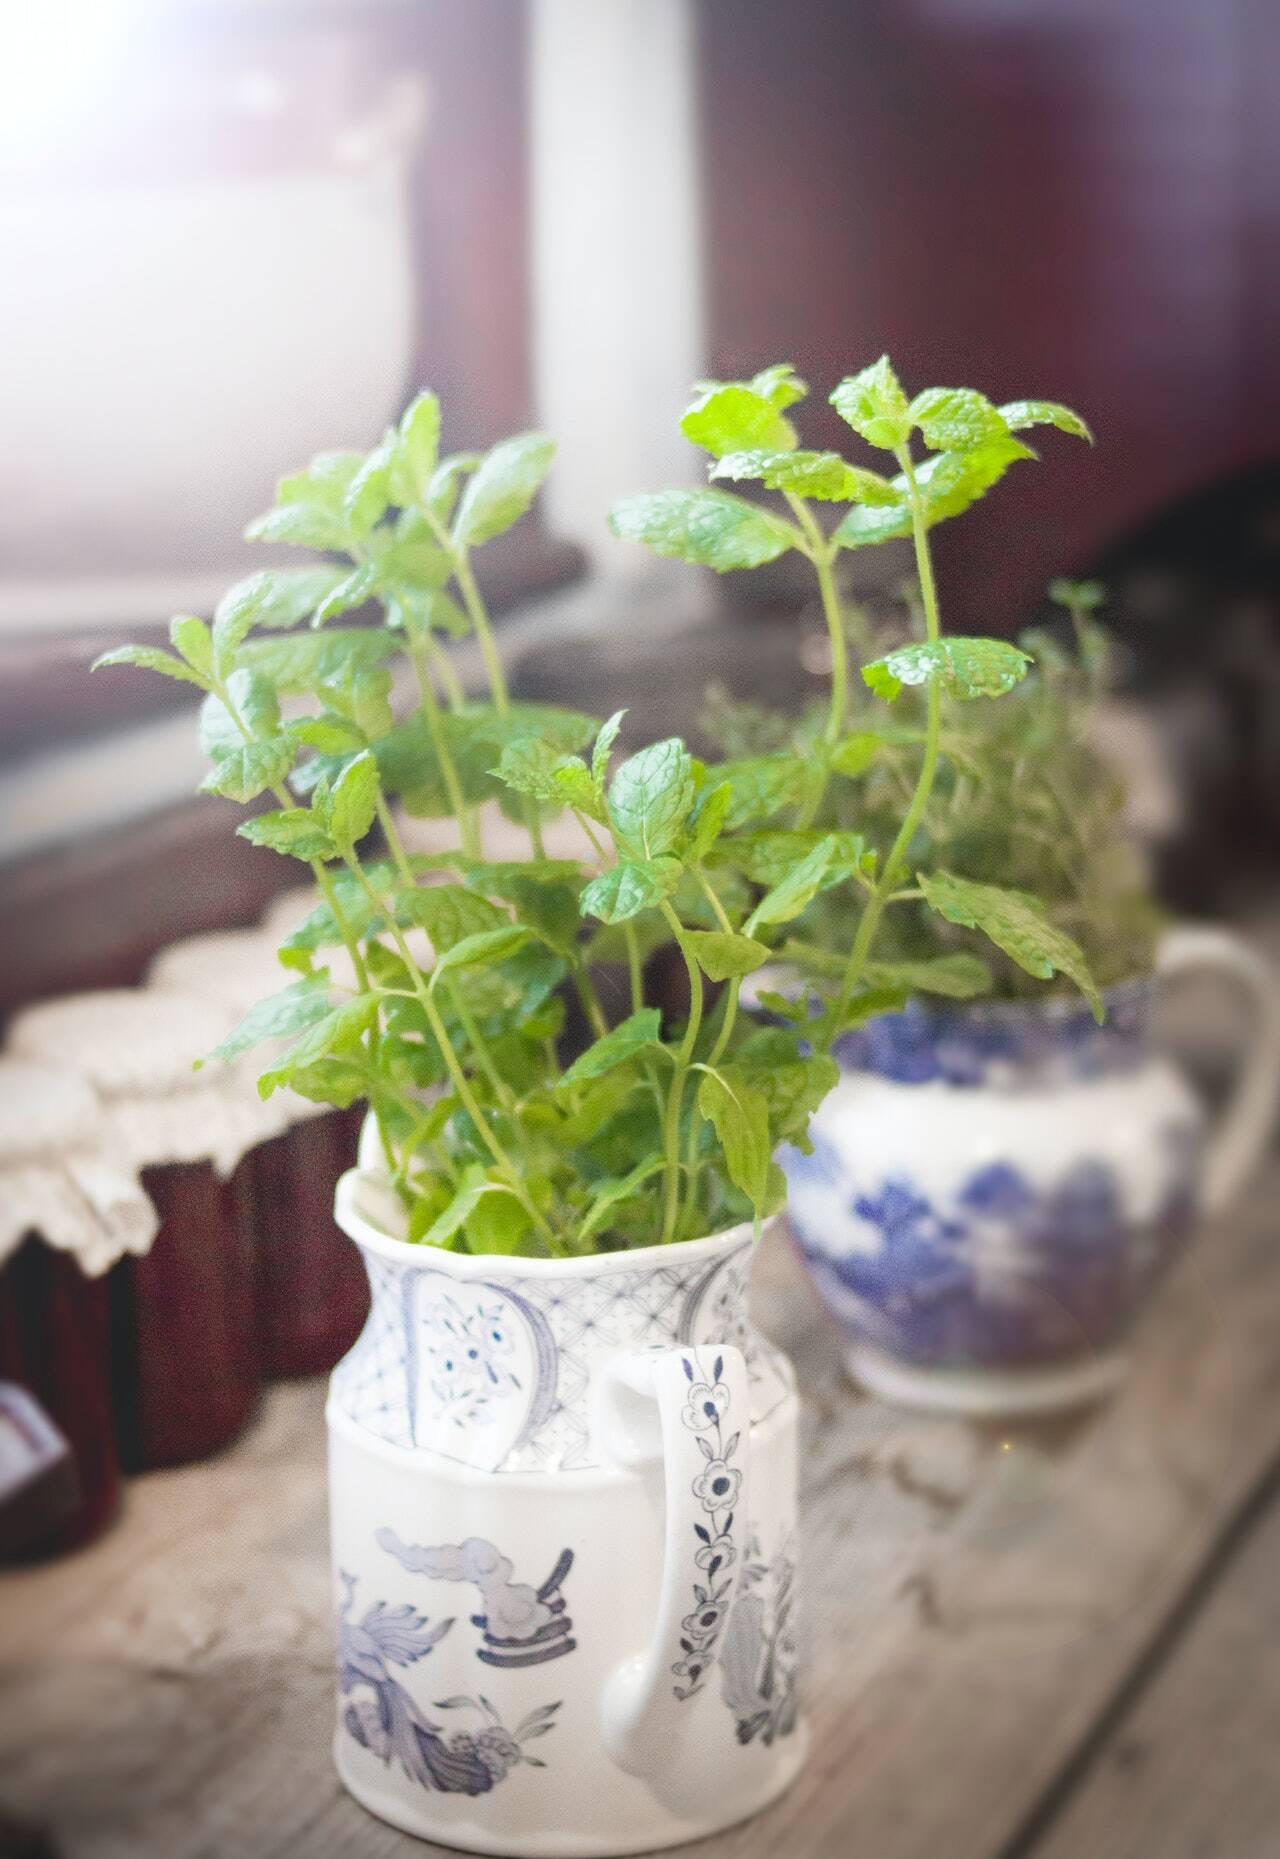 Os chás dessas ervas são poderosos aliados da boa digestão. A nutricionista Carla Fiorillo conta que eles também são calmantes digestivos, já que diminuem a acidez do estômago. Com isso, eles atenuam azias, gases e cólicas. Para um efeito mais satisfatório, o ideal é que eles sejam tomados 30 minutos antes das refeições. Entenda aqui um pouco mais sobre como a hortelã ajuda contra a má digestão e melhora a Síndrome do Intestino Irritável. (Foto: Pexels)